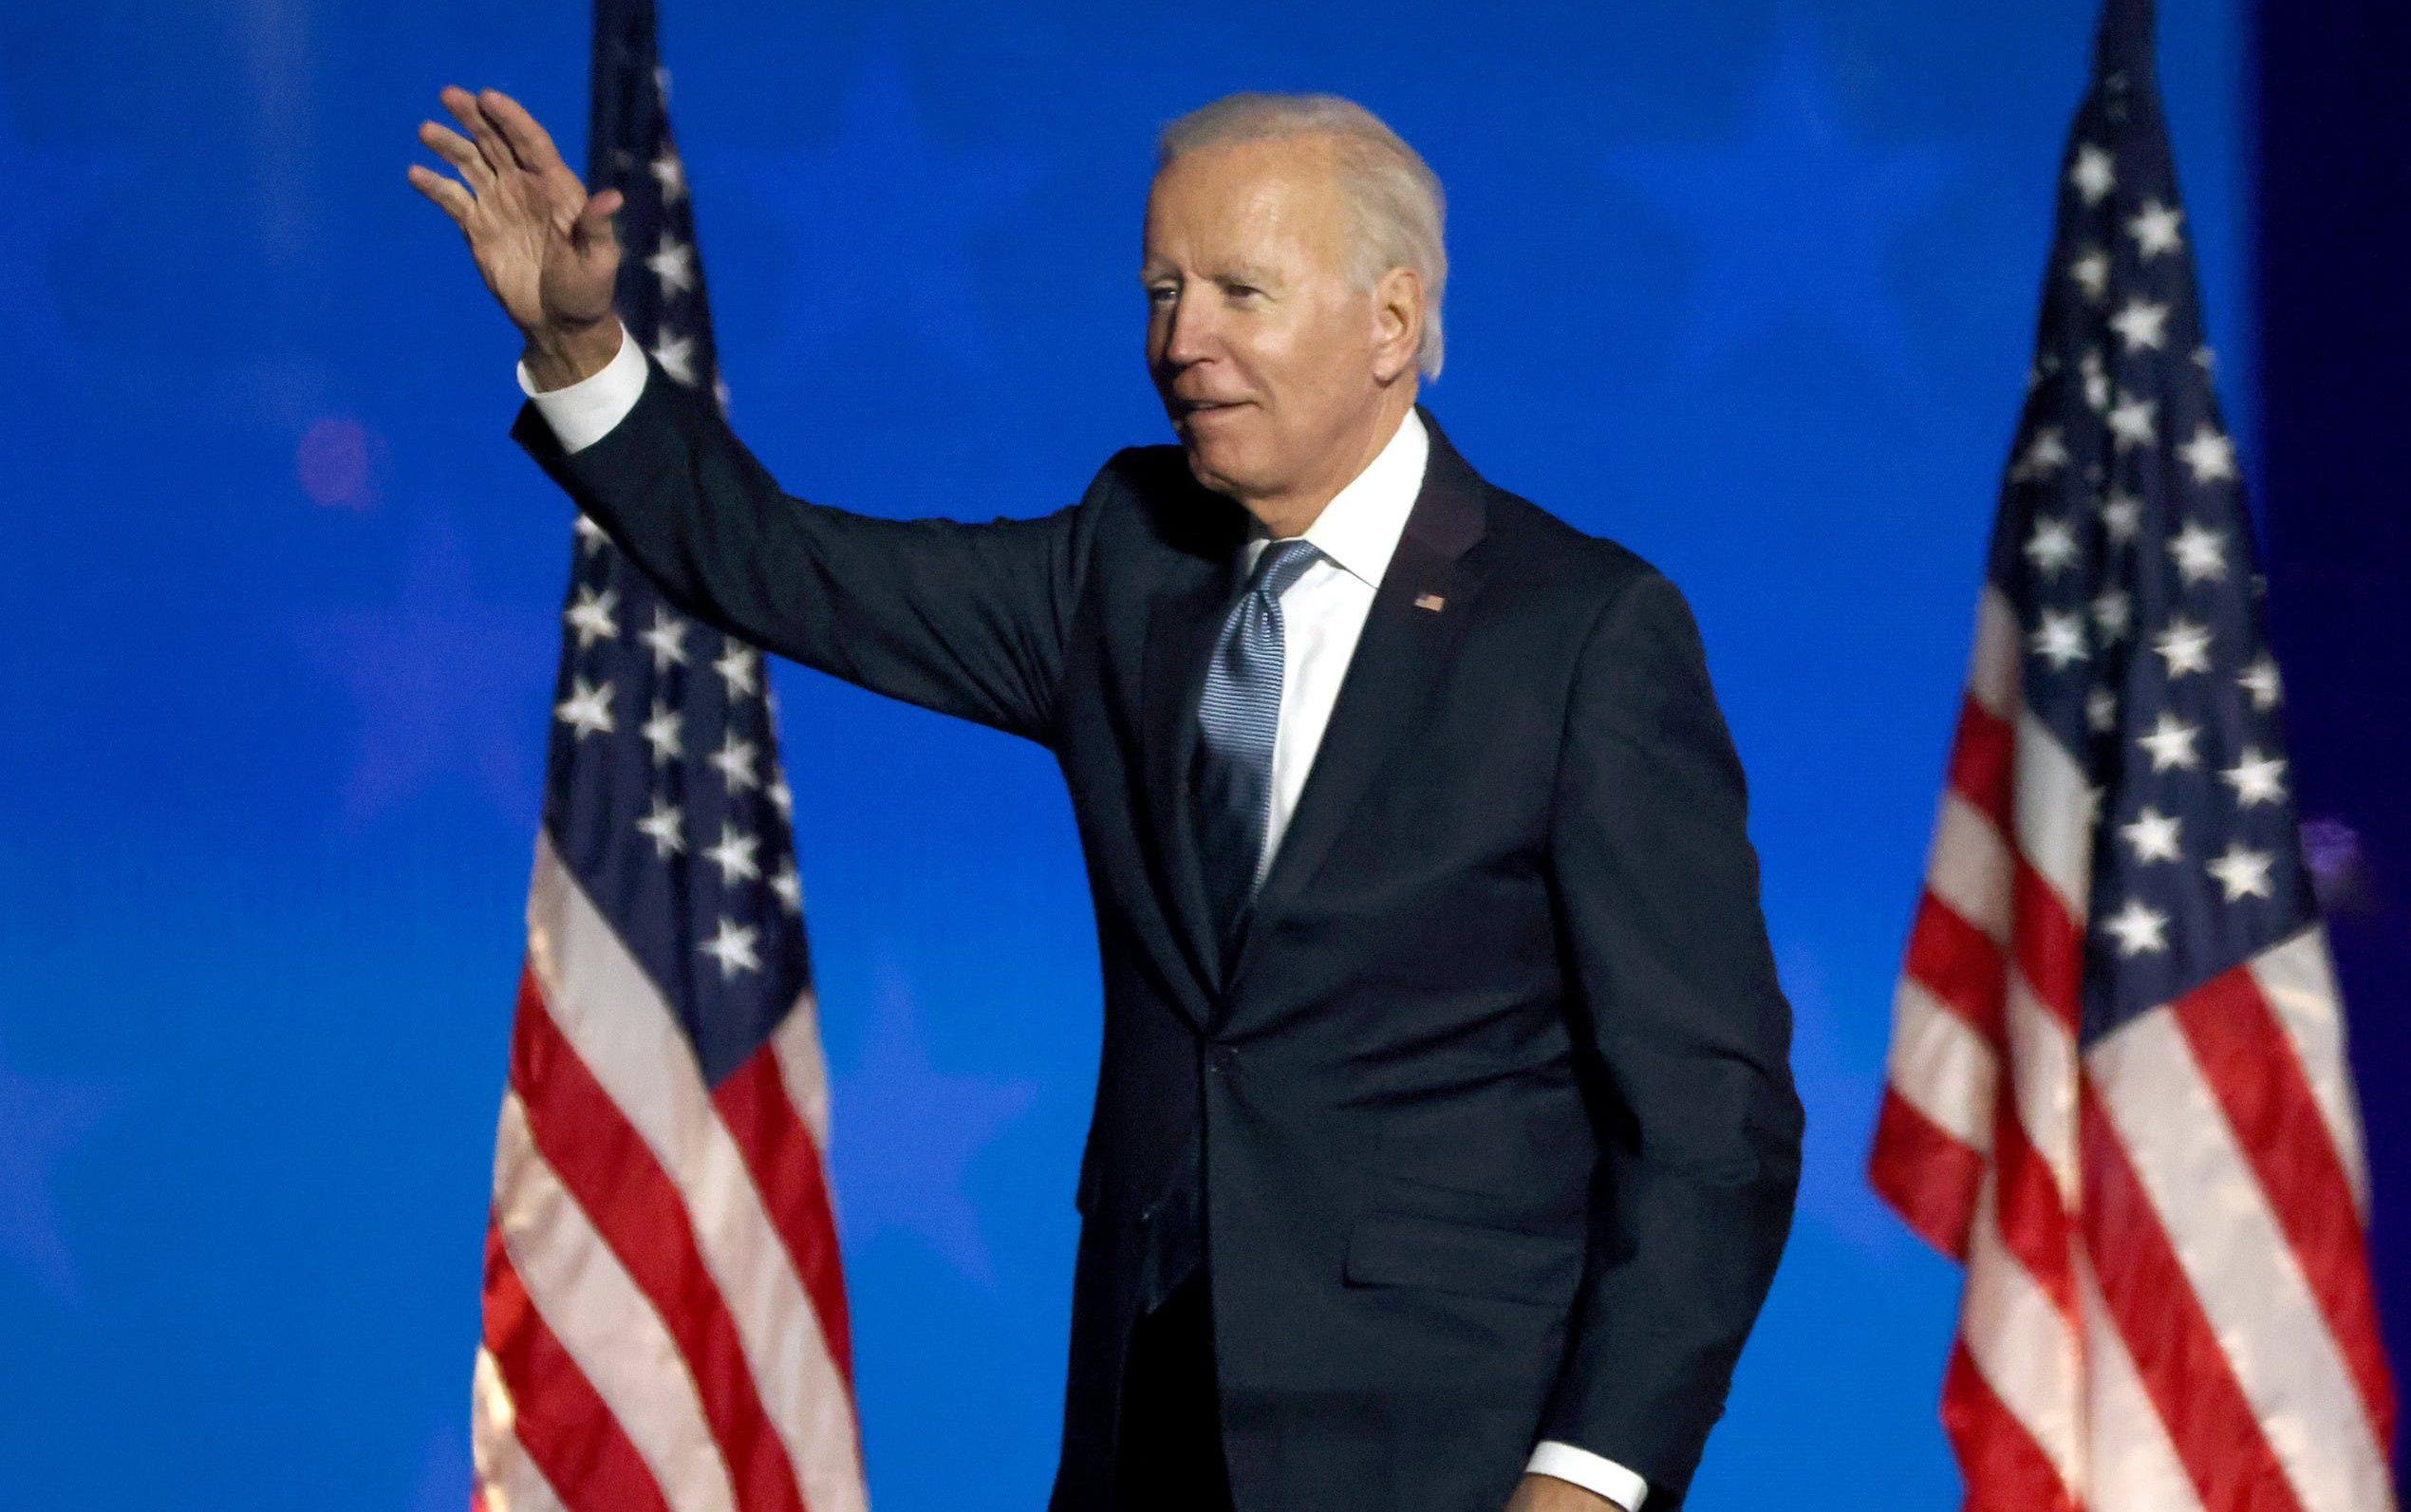 جو بايدن يؤدي اليمين الدستورية رئيساً للولايات المتحدة